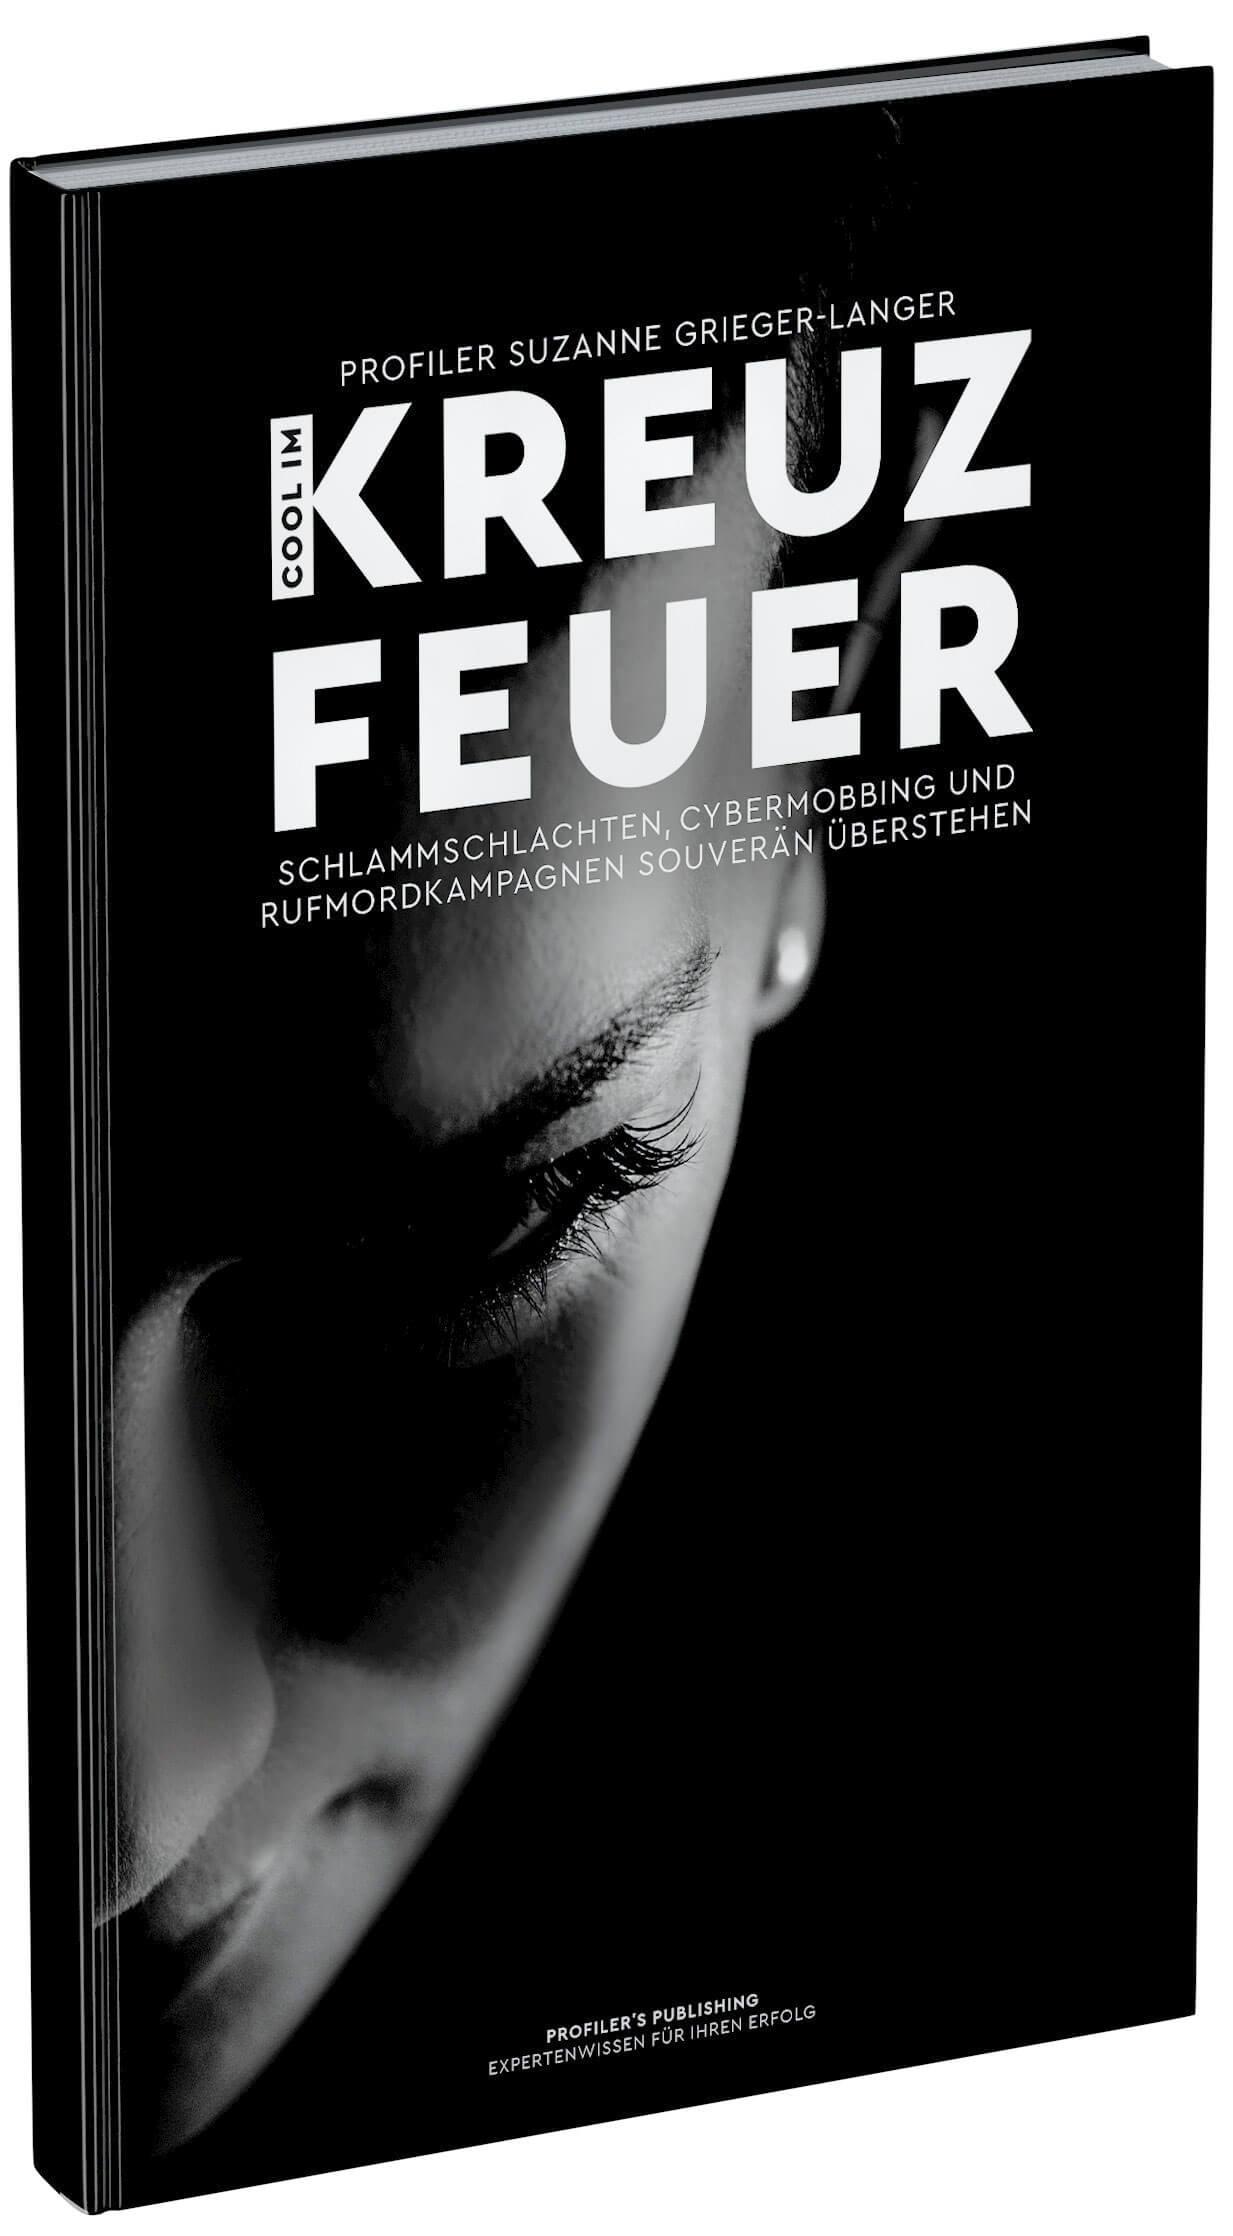 Coll im Kreuzfeuer | Suzanne Grieger-Langer